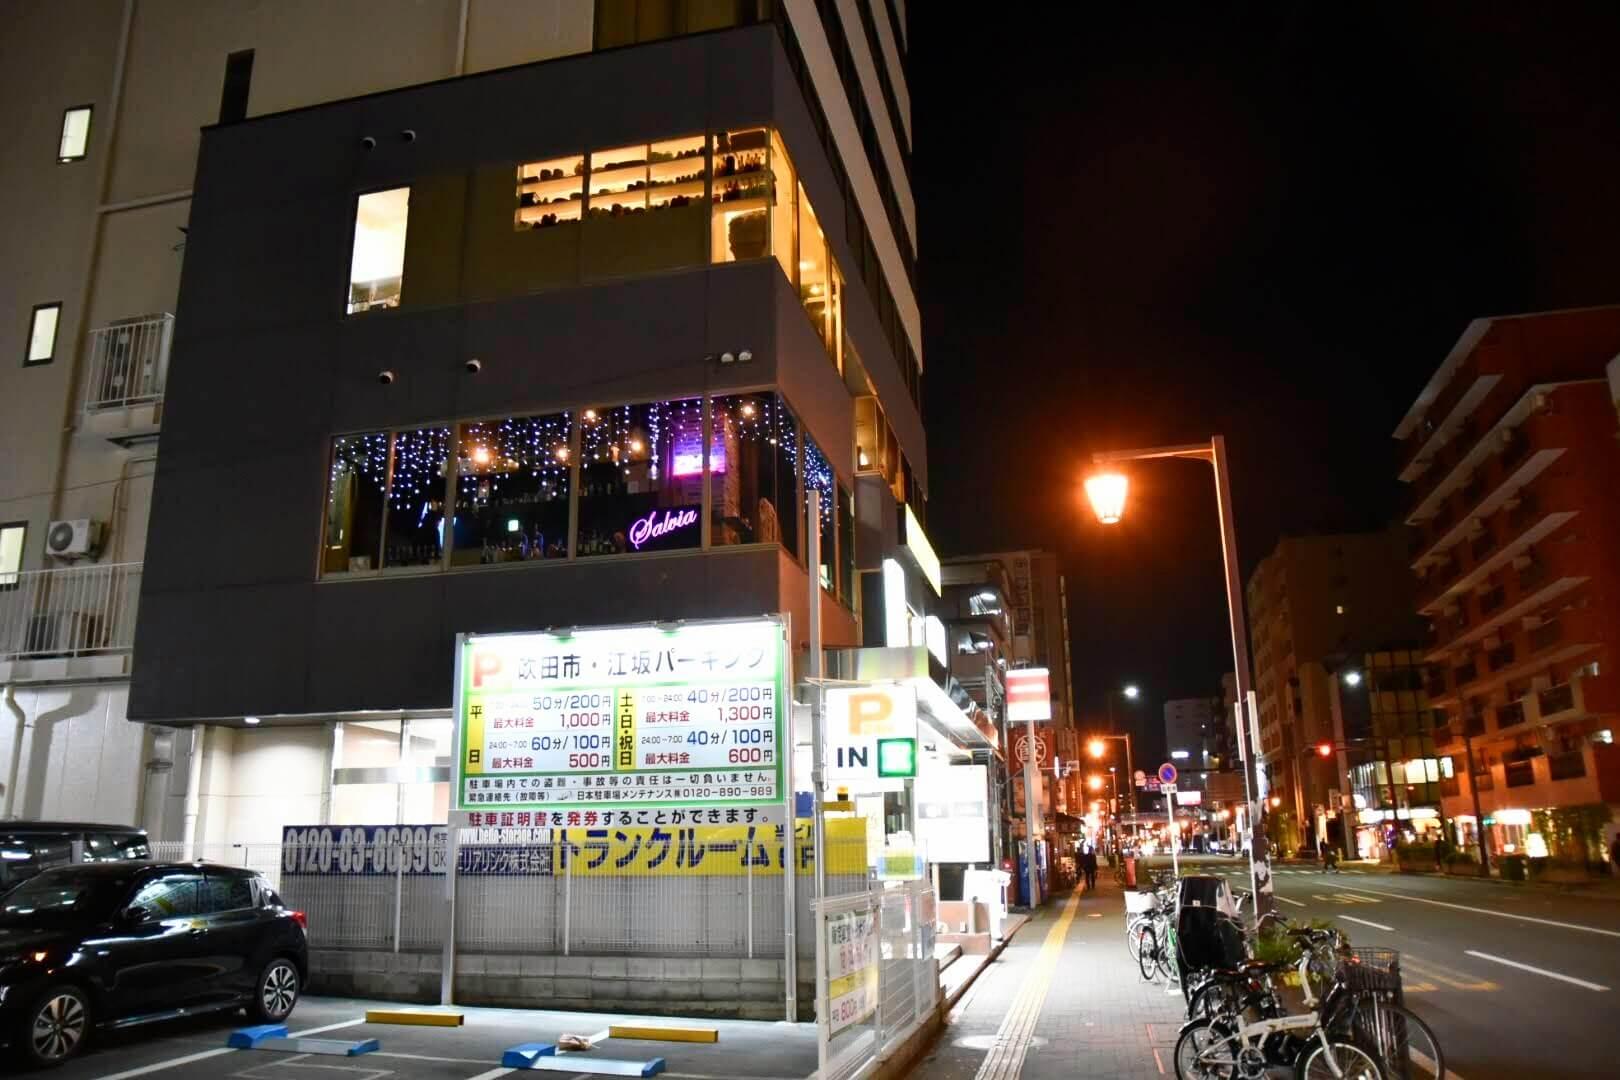 江坂にある『おばんざいとお酒 うきわ(ukiwa)』